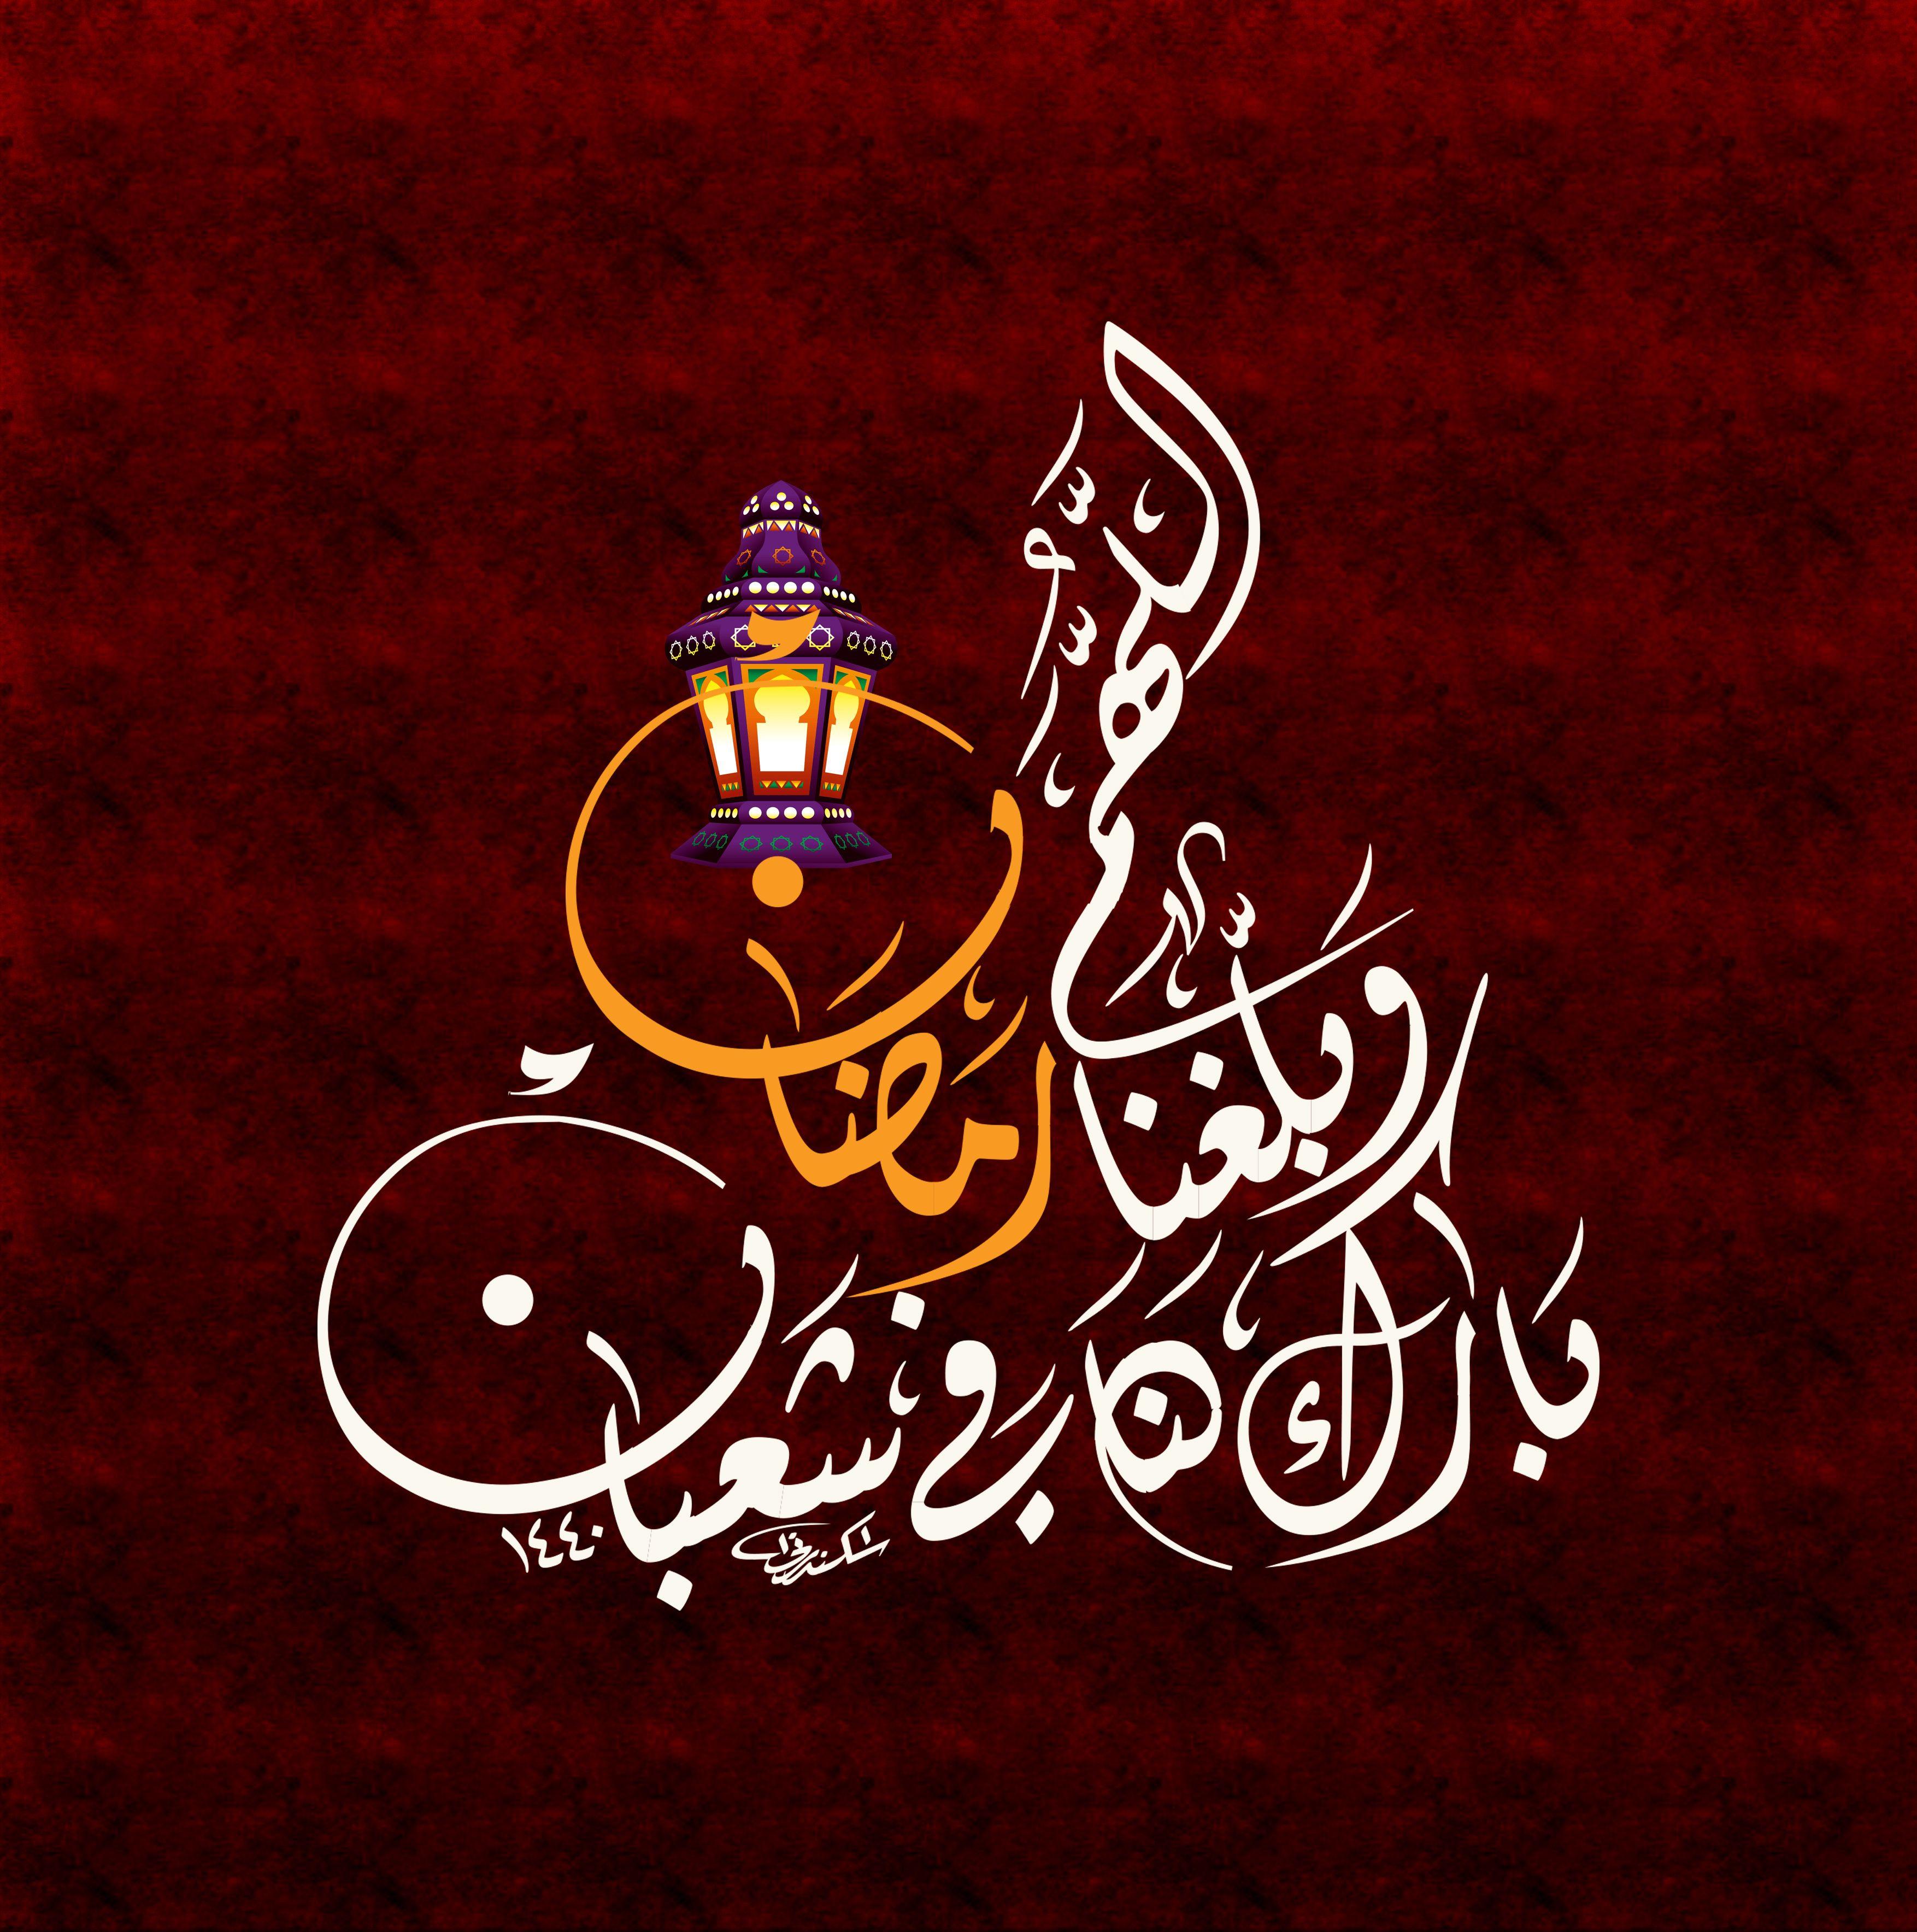 اللهم بارك لنا في شعبان وبلغنا رمضان بخط الخطاط احمد ابراهيم اسكندراني في مدينة جدة المملكة العربية السع Islamic Art Calligraphy Islamic Wall Art Islamic Art